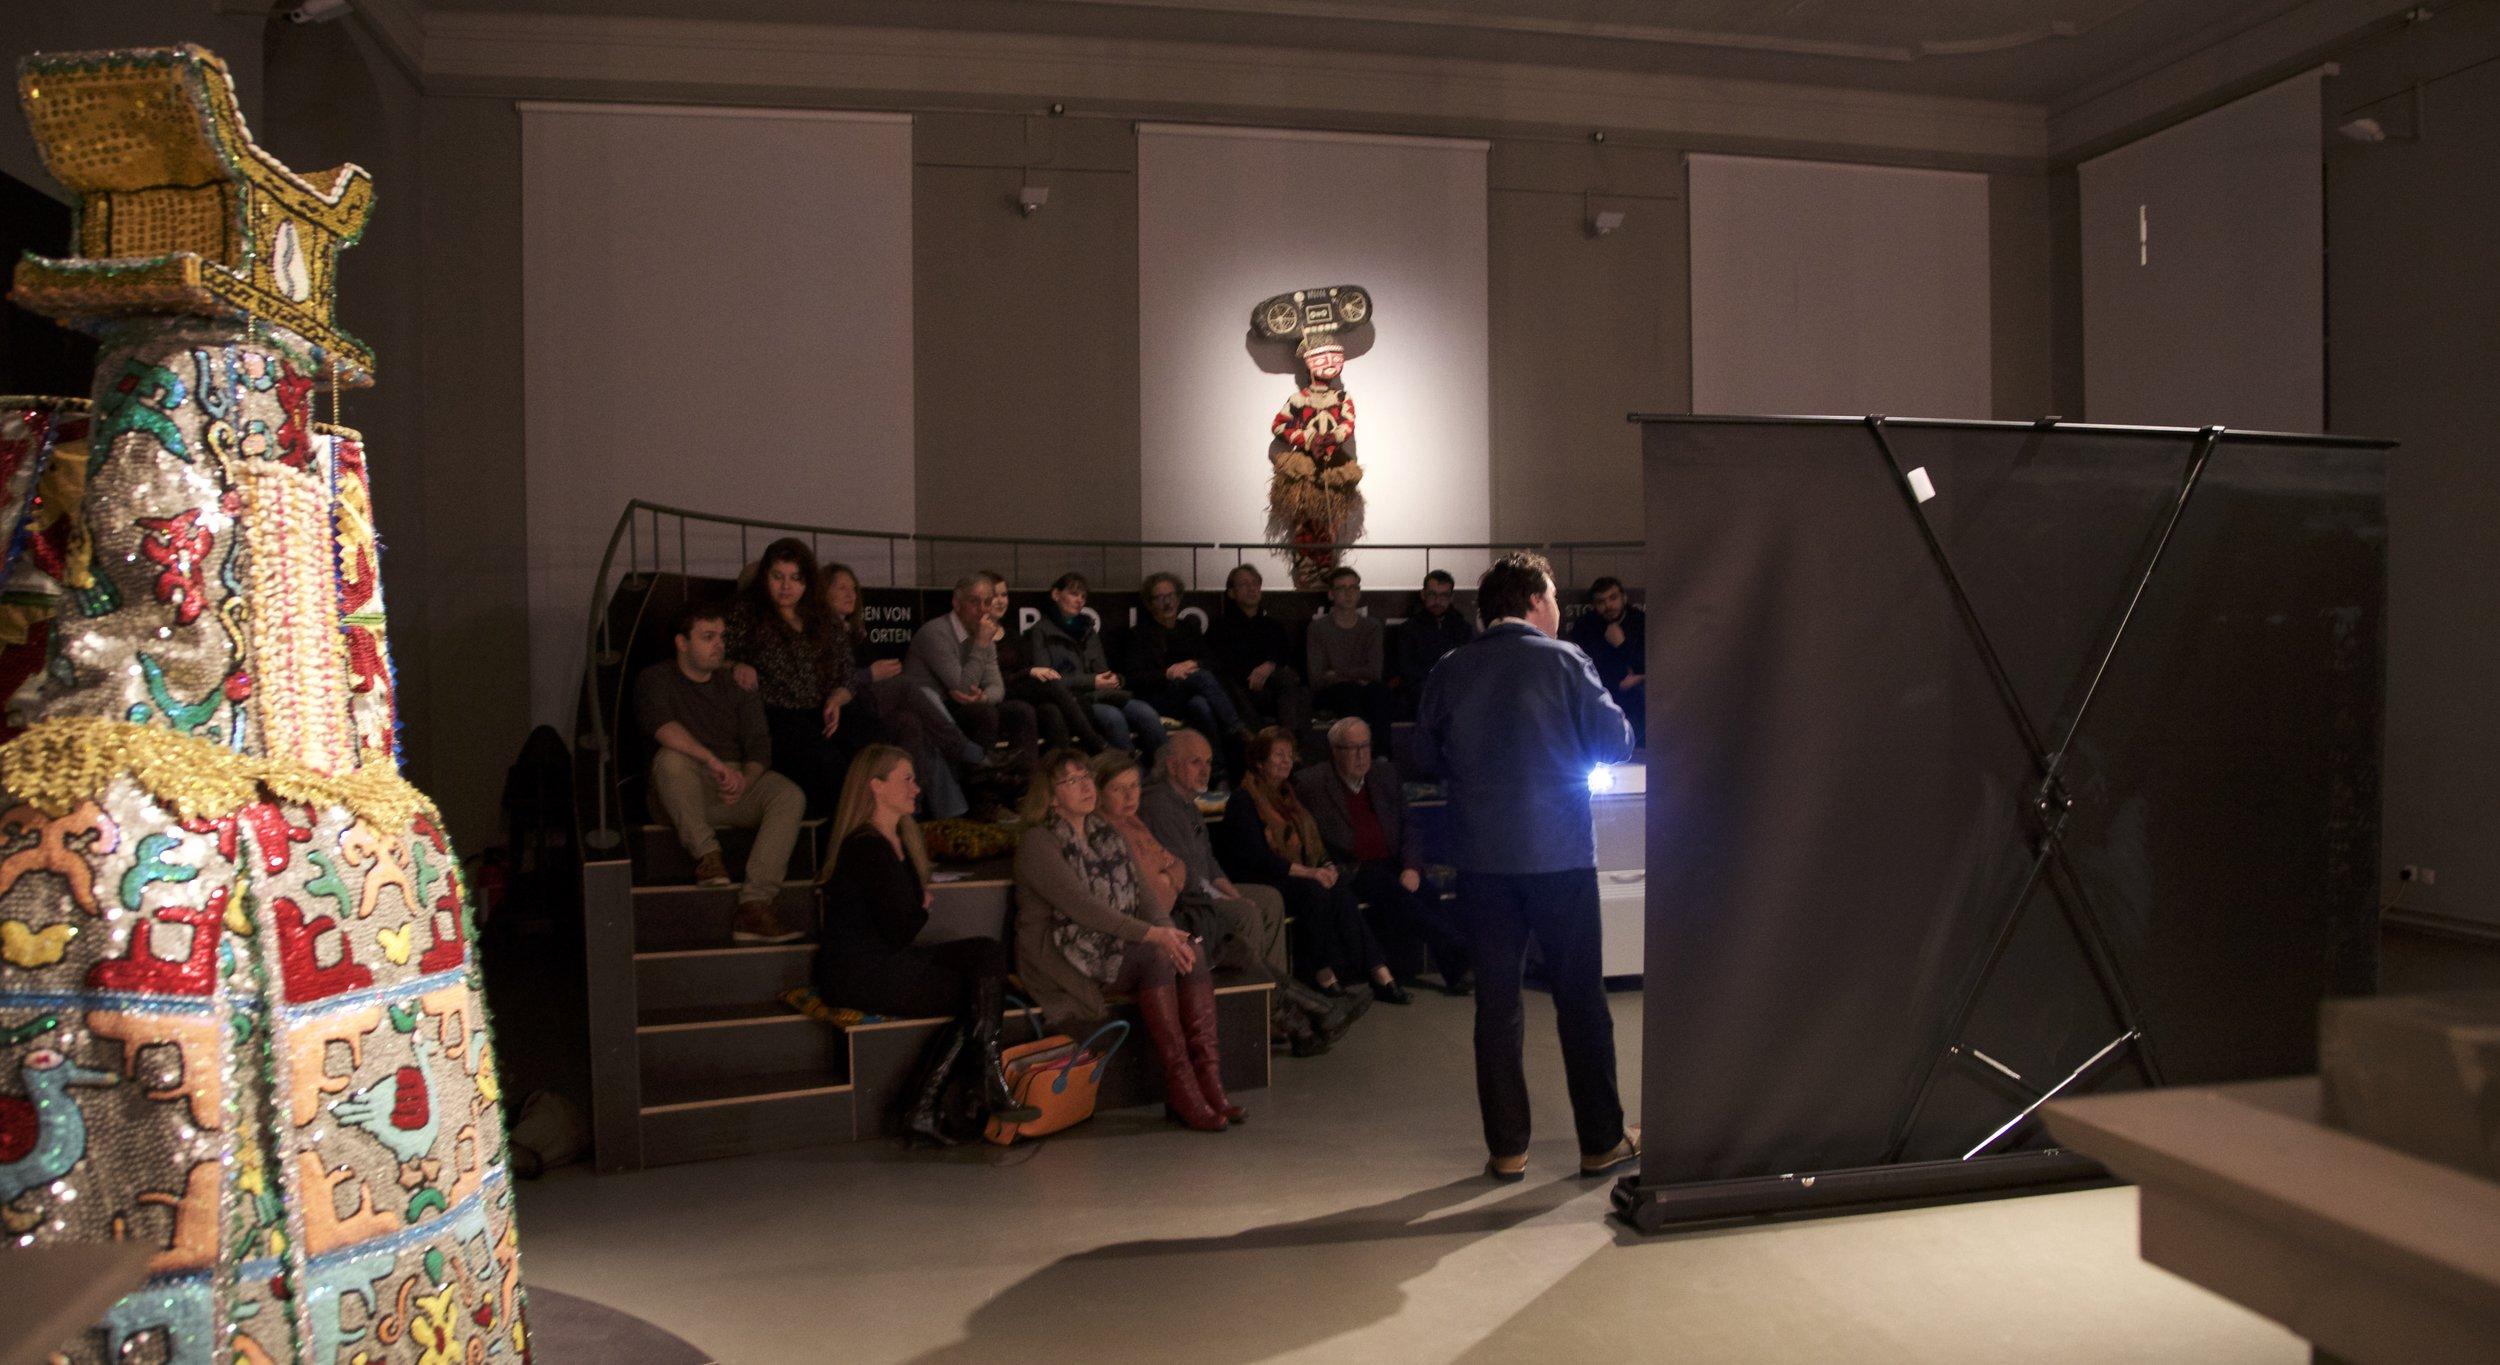 PROLOG - Kino - Am Freitag Abend haben wir in der Ausstellung zwei Filme gezeigt: